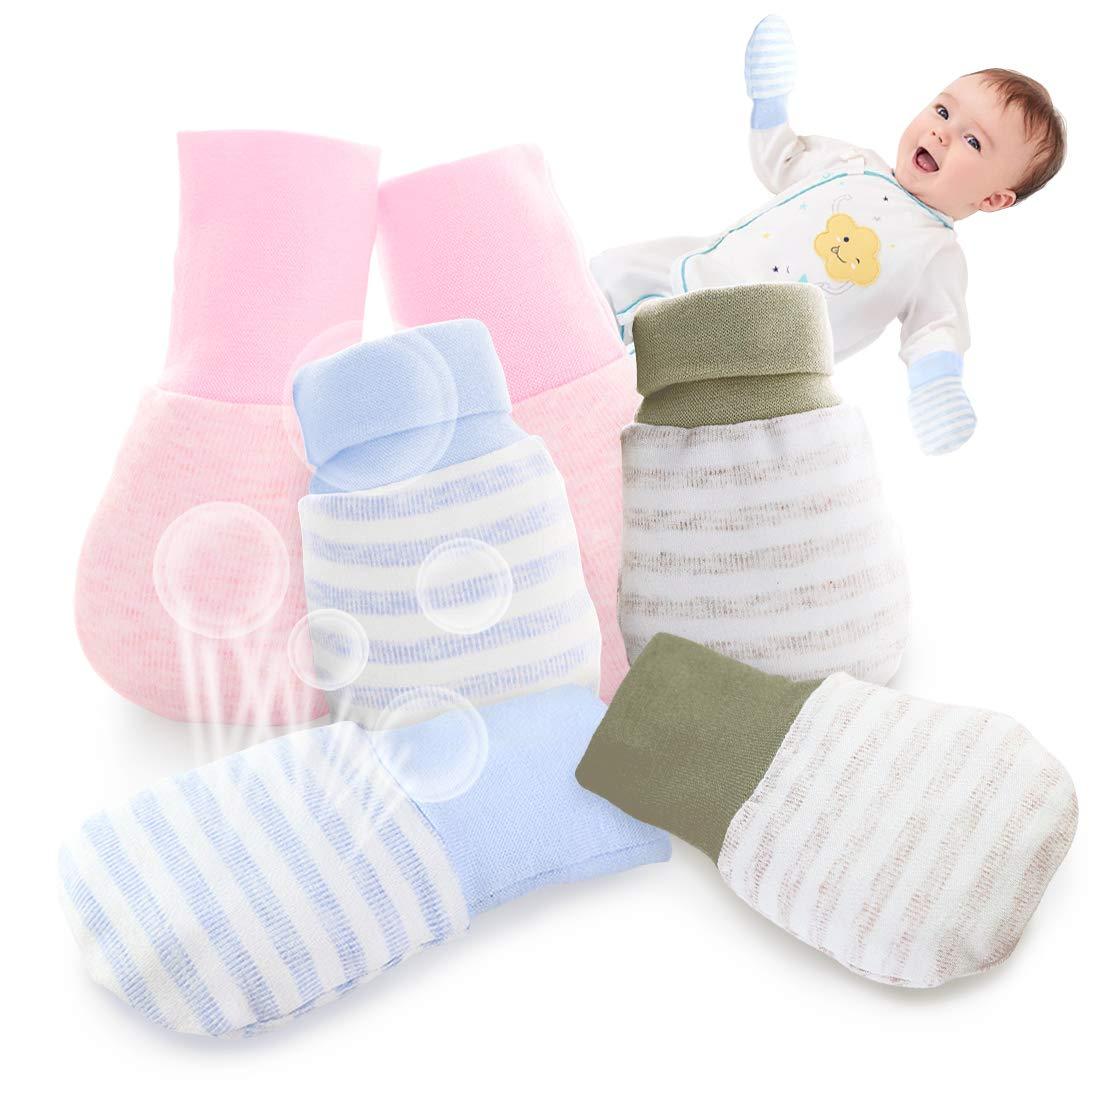 17 Pairs Newborn Baby Cotton Gloves No Scratch Baby Mittens Unisex Baby Gloves for 0-6 Months Baby Boys Girls